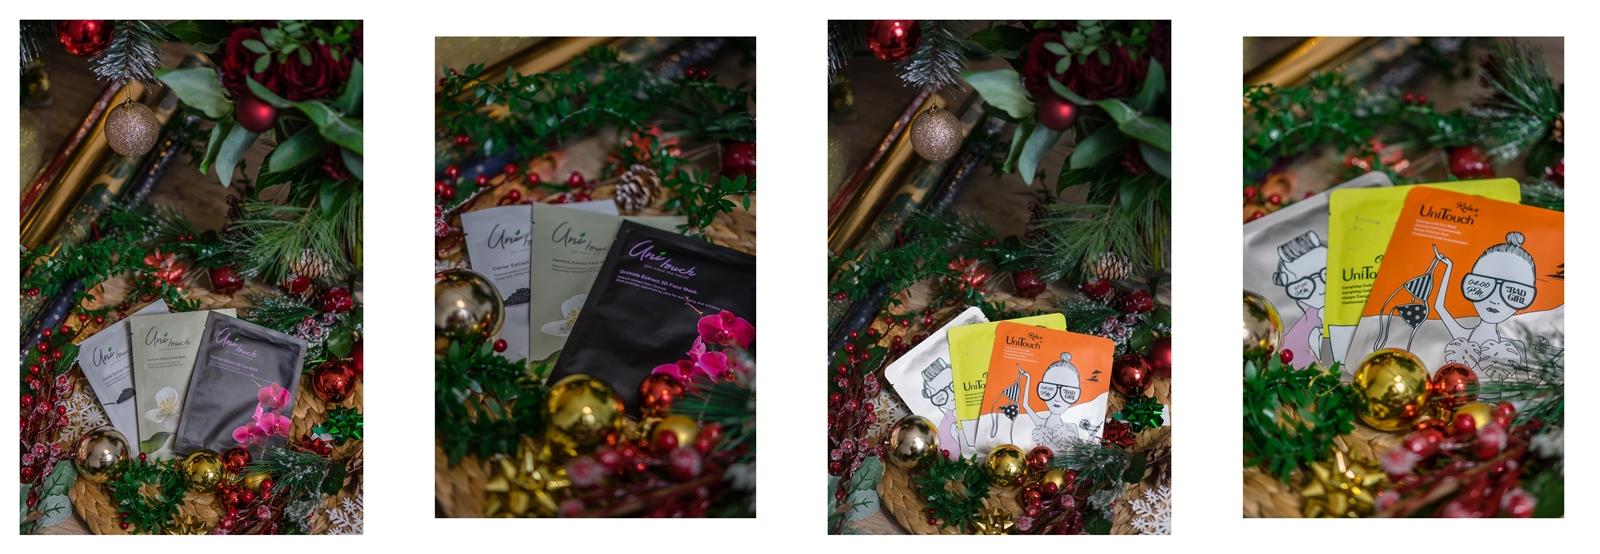 11 Czy prezenty daje się z metką, biżuteria personalizowana, prezent z grawerem z imieniem, jaka bizuteria pod choinke, bożonarodzeniowe prezenty, gwiazdkowe, mikolajkowe pod choinkę przesądy